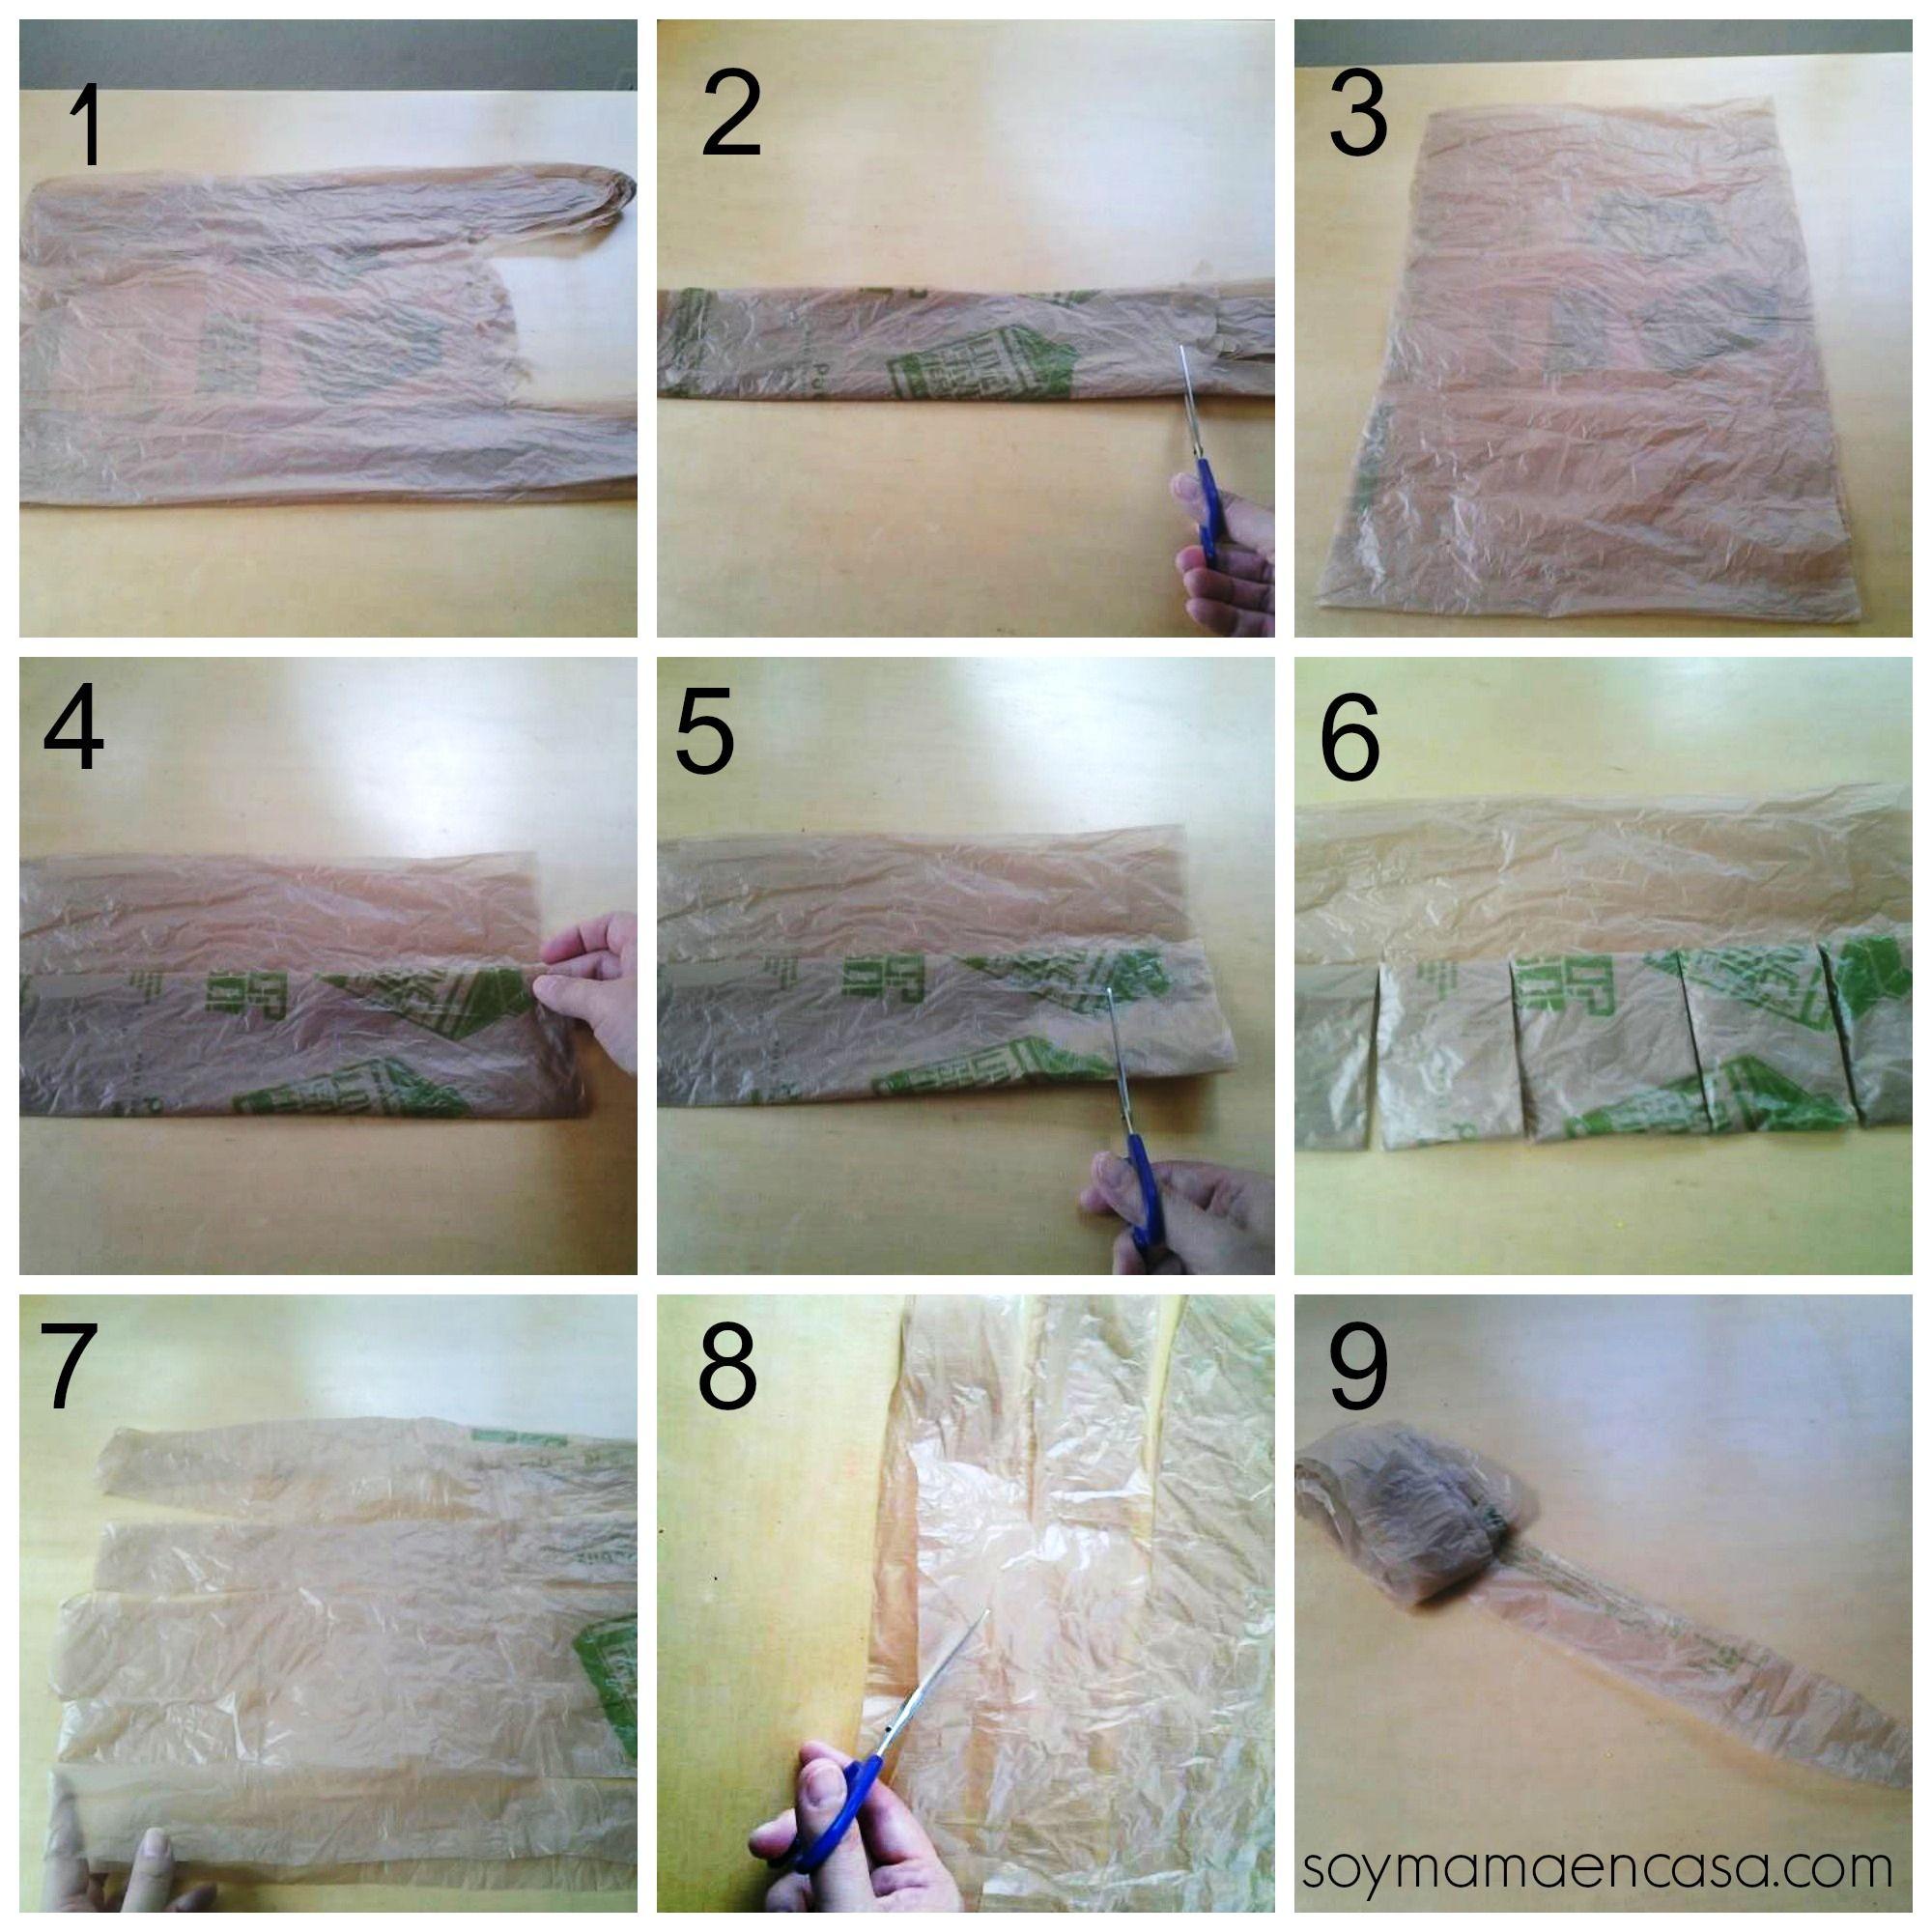 Pasos para reciclar bolsas de pl stico reciclaje - Ideas para reciclar ...